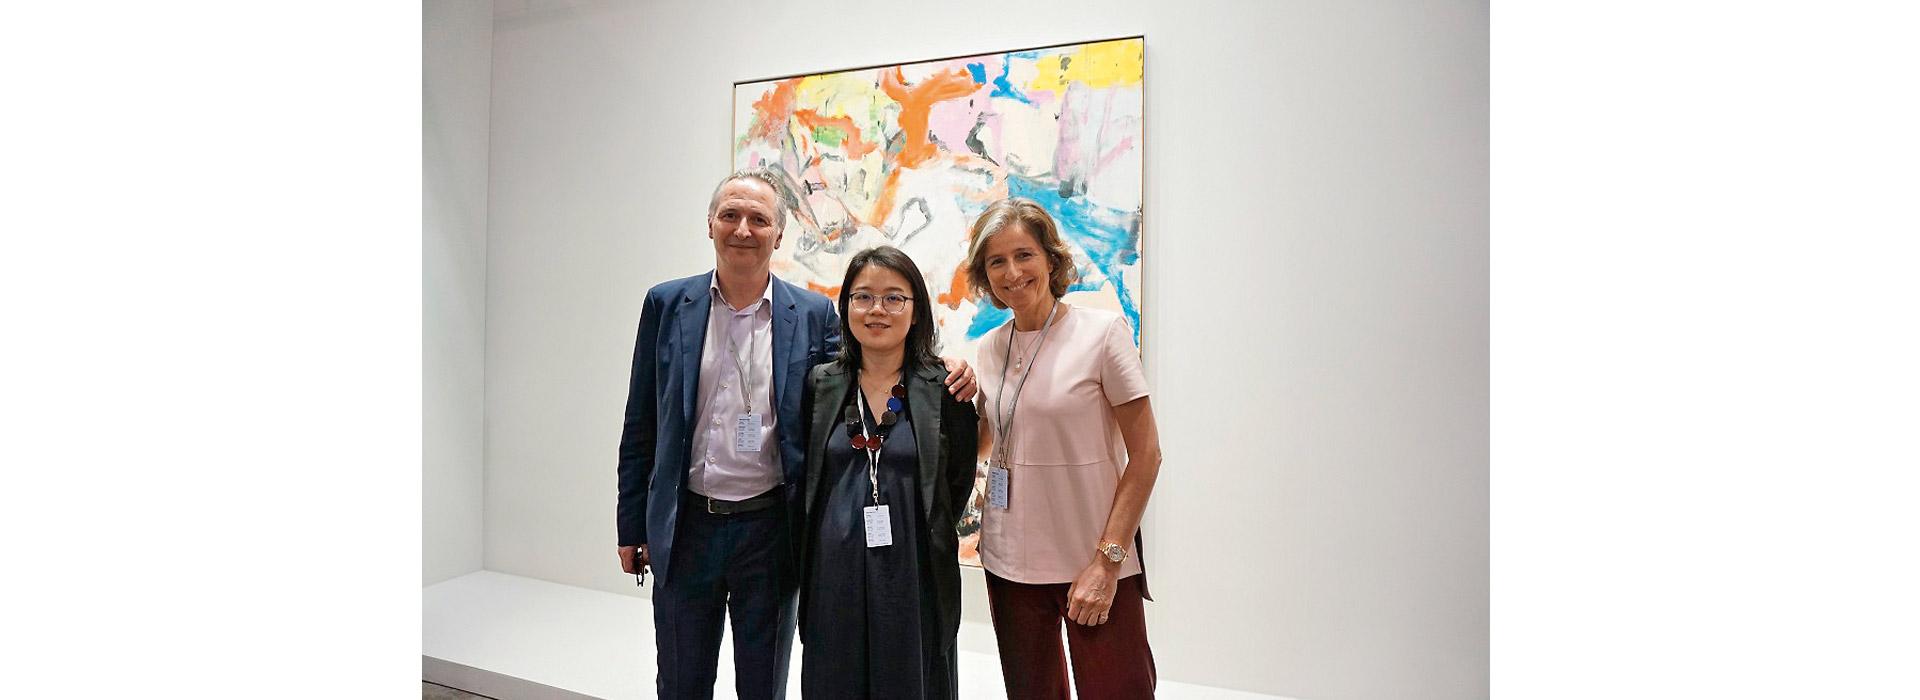 香港巴塞爾藝術展為何吸引頂級收藏家 ?